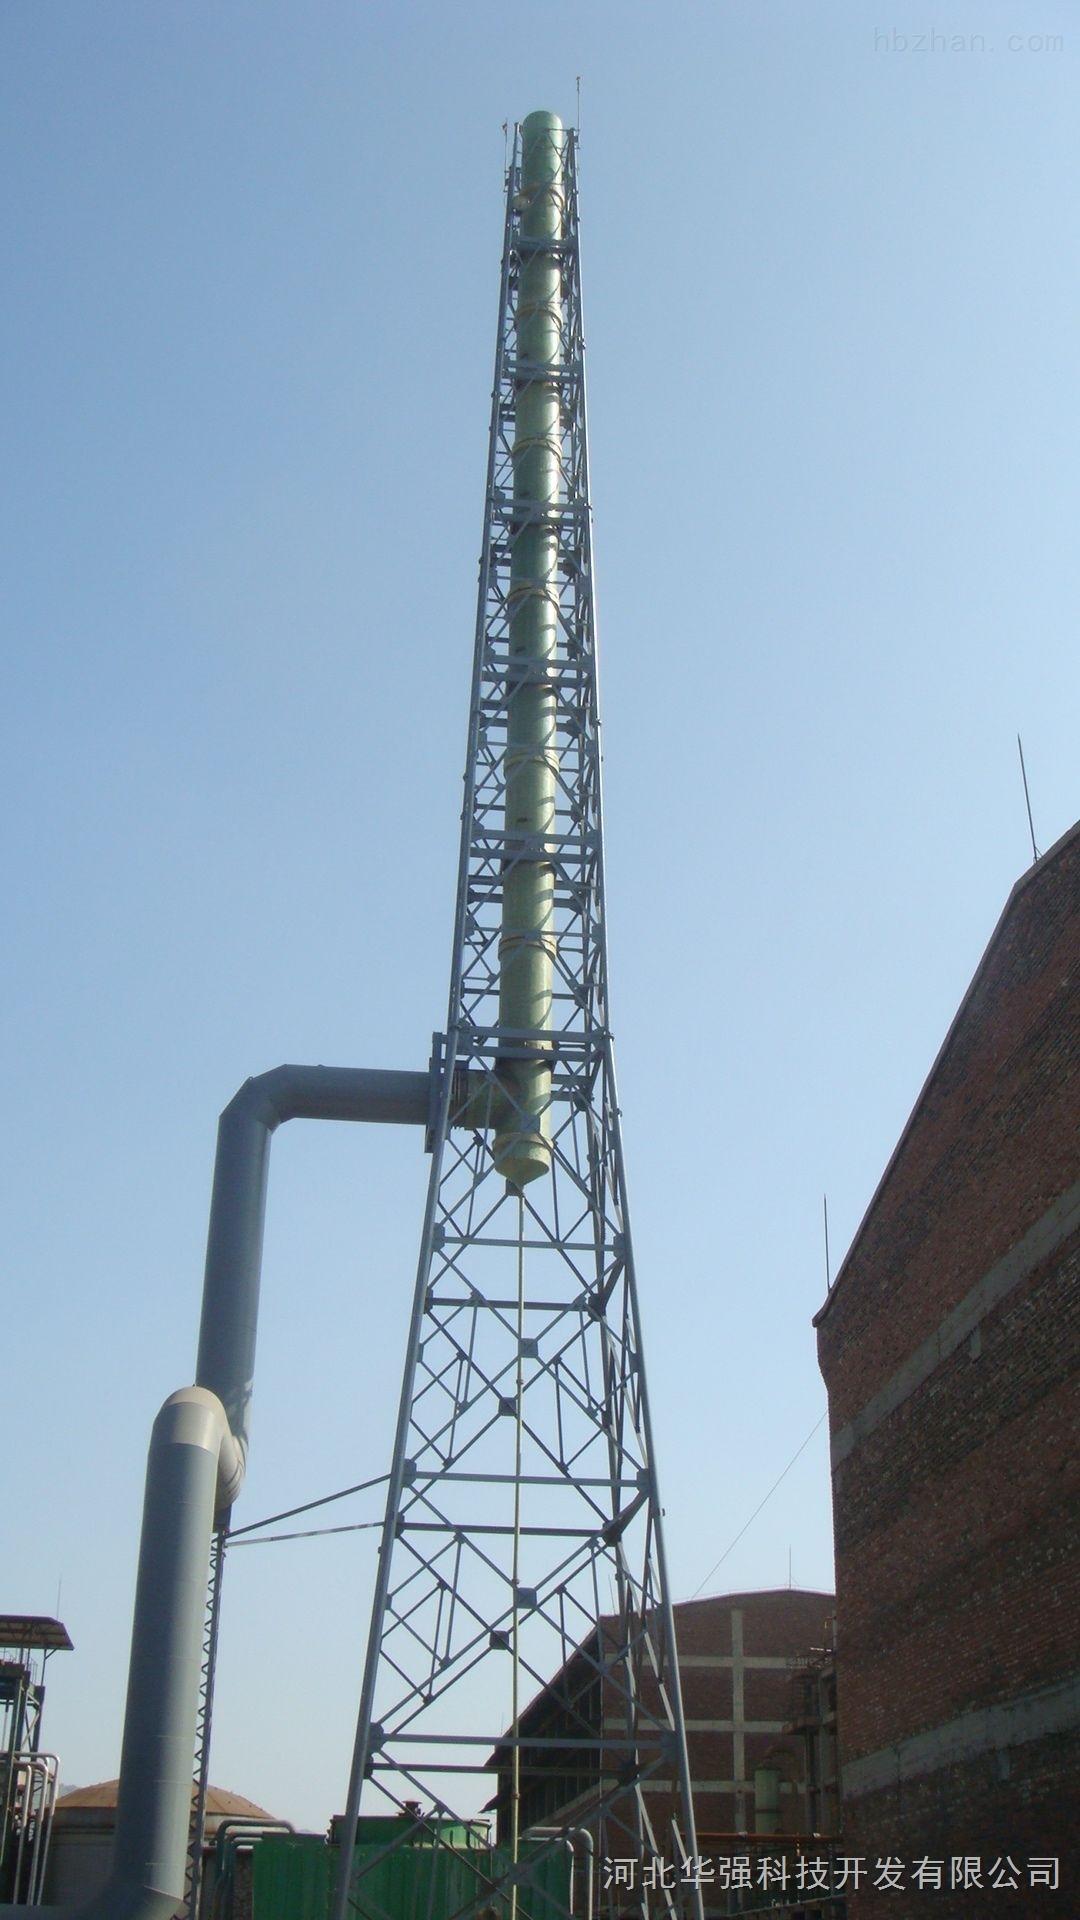 高温烟囱/烟囱防腐